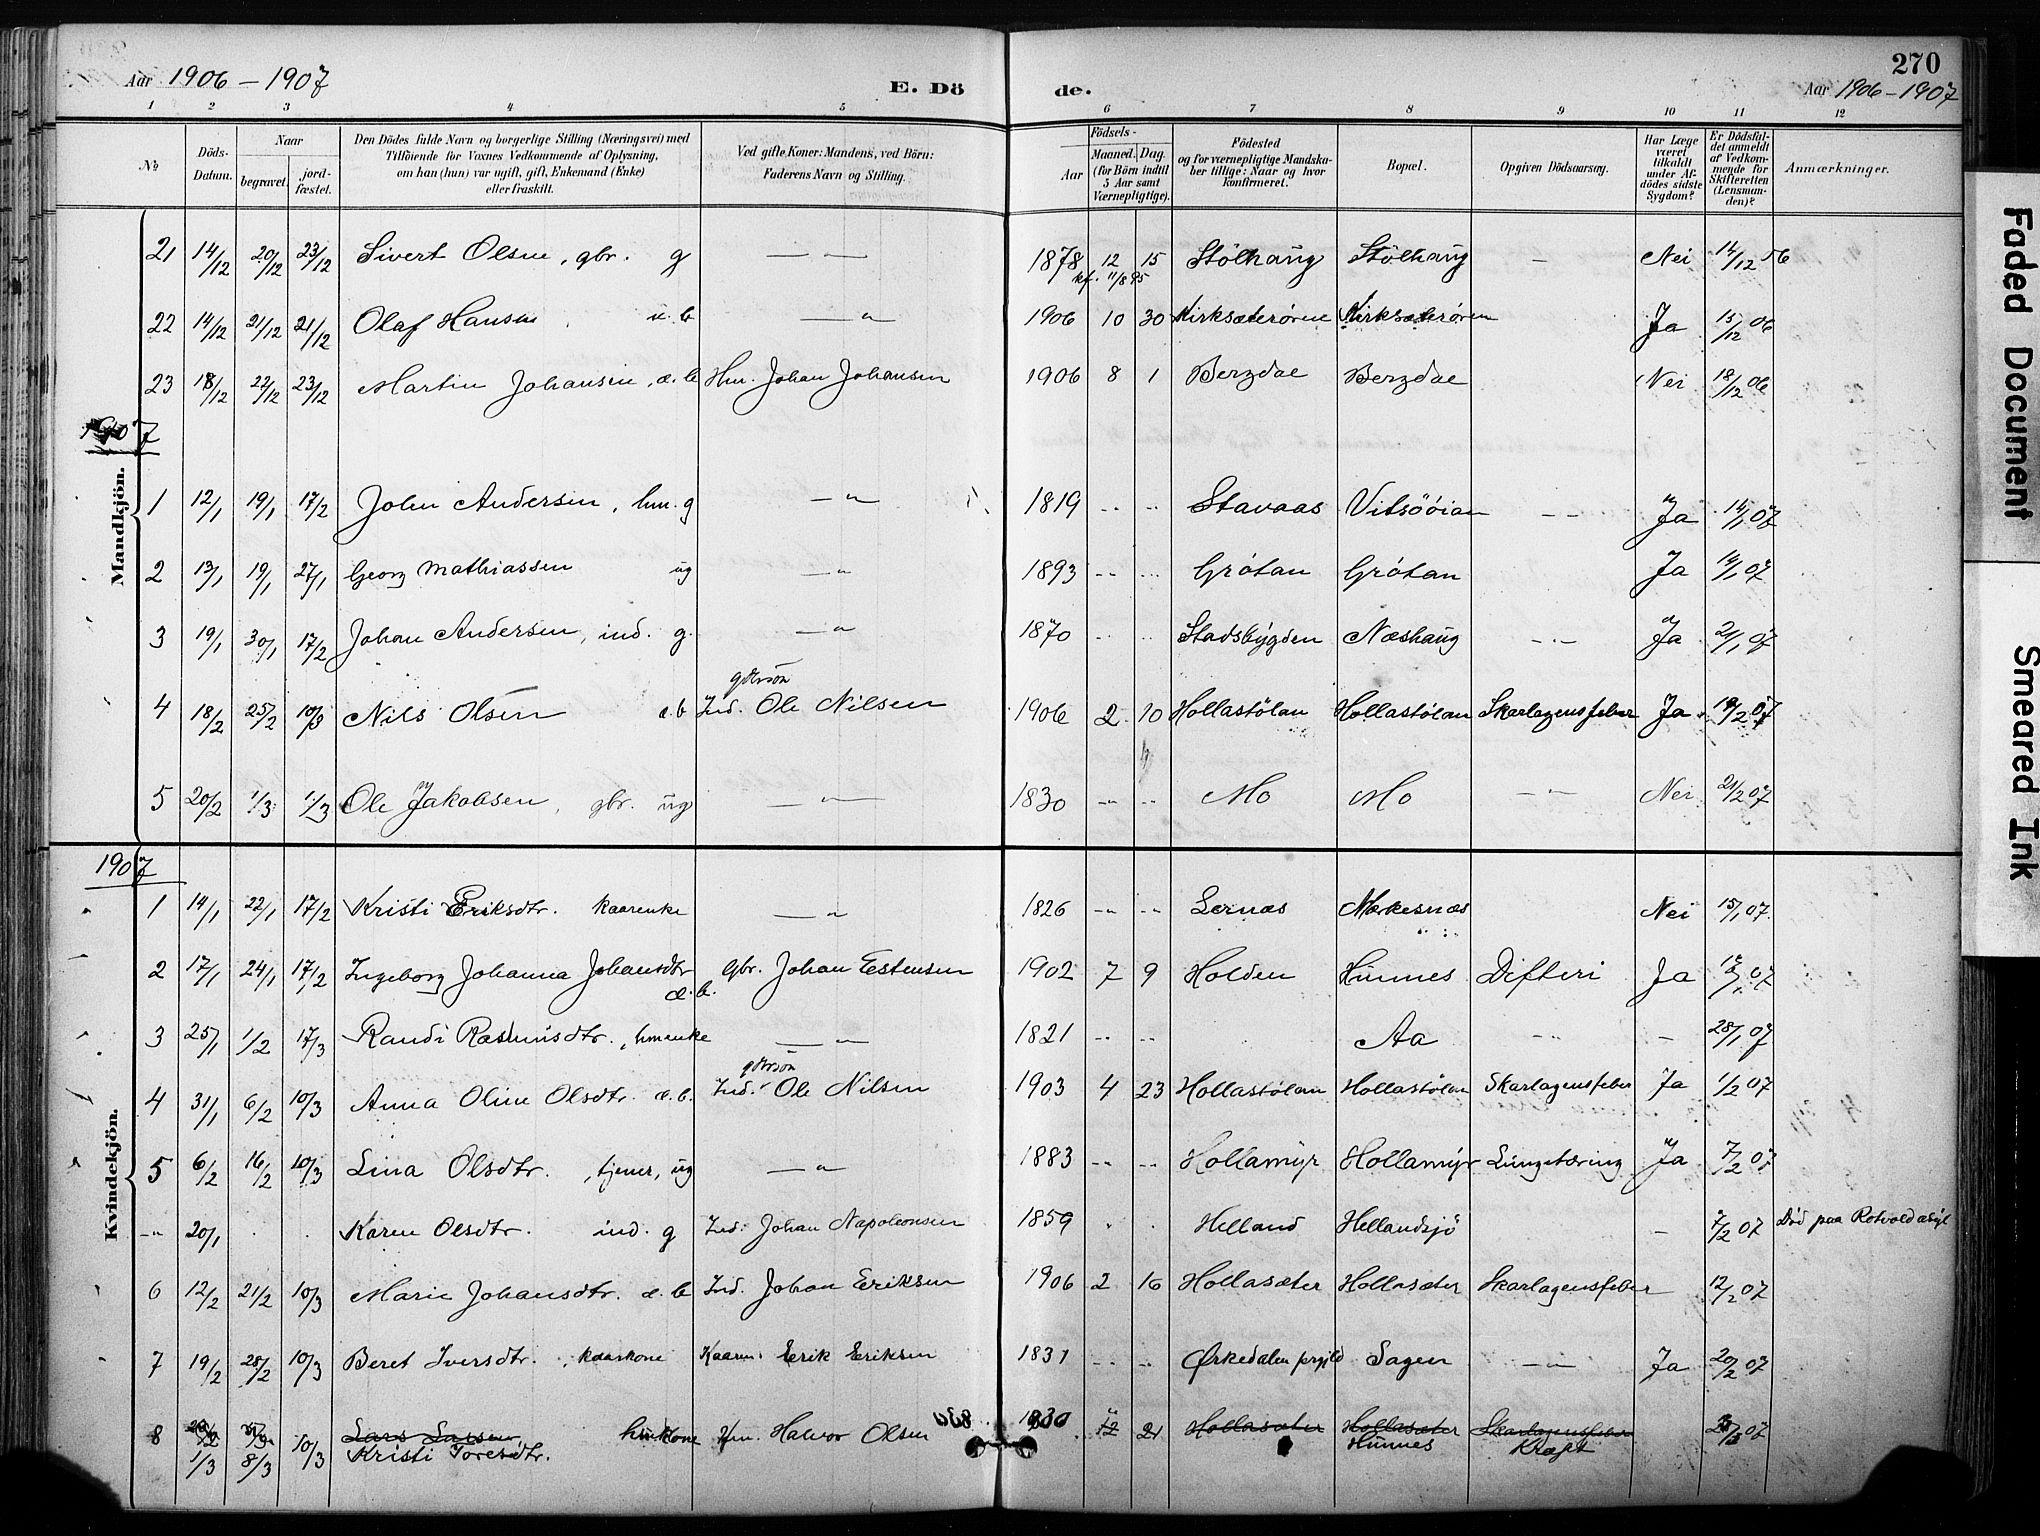 SAT, Ministerialprotokoller, klokkerbøker og fødselsregistre - Sør-Trøndelag, 630/L0497: Ministerialbok nr. 630A10, 1896-1910, s. 270